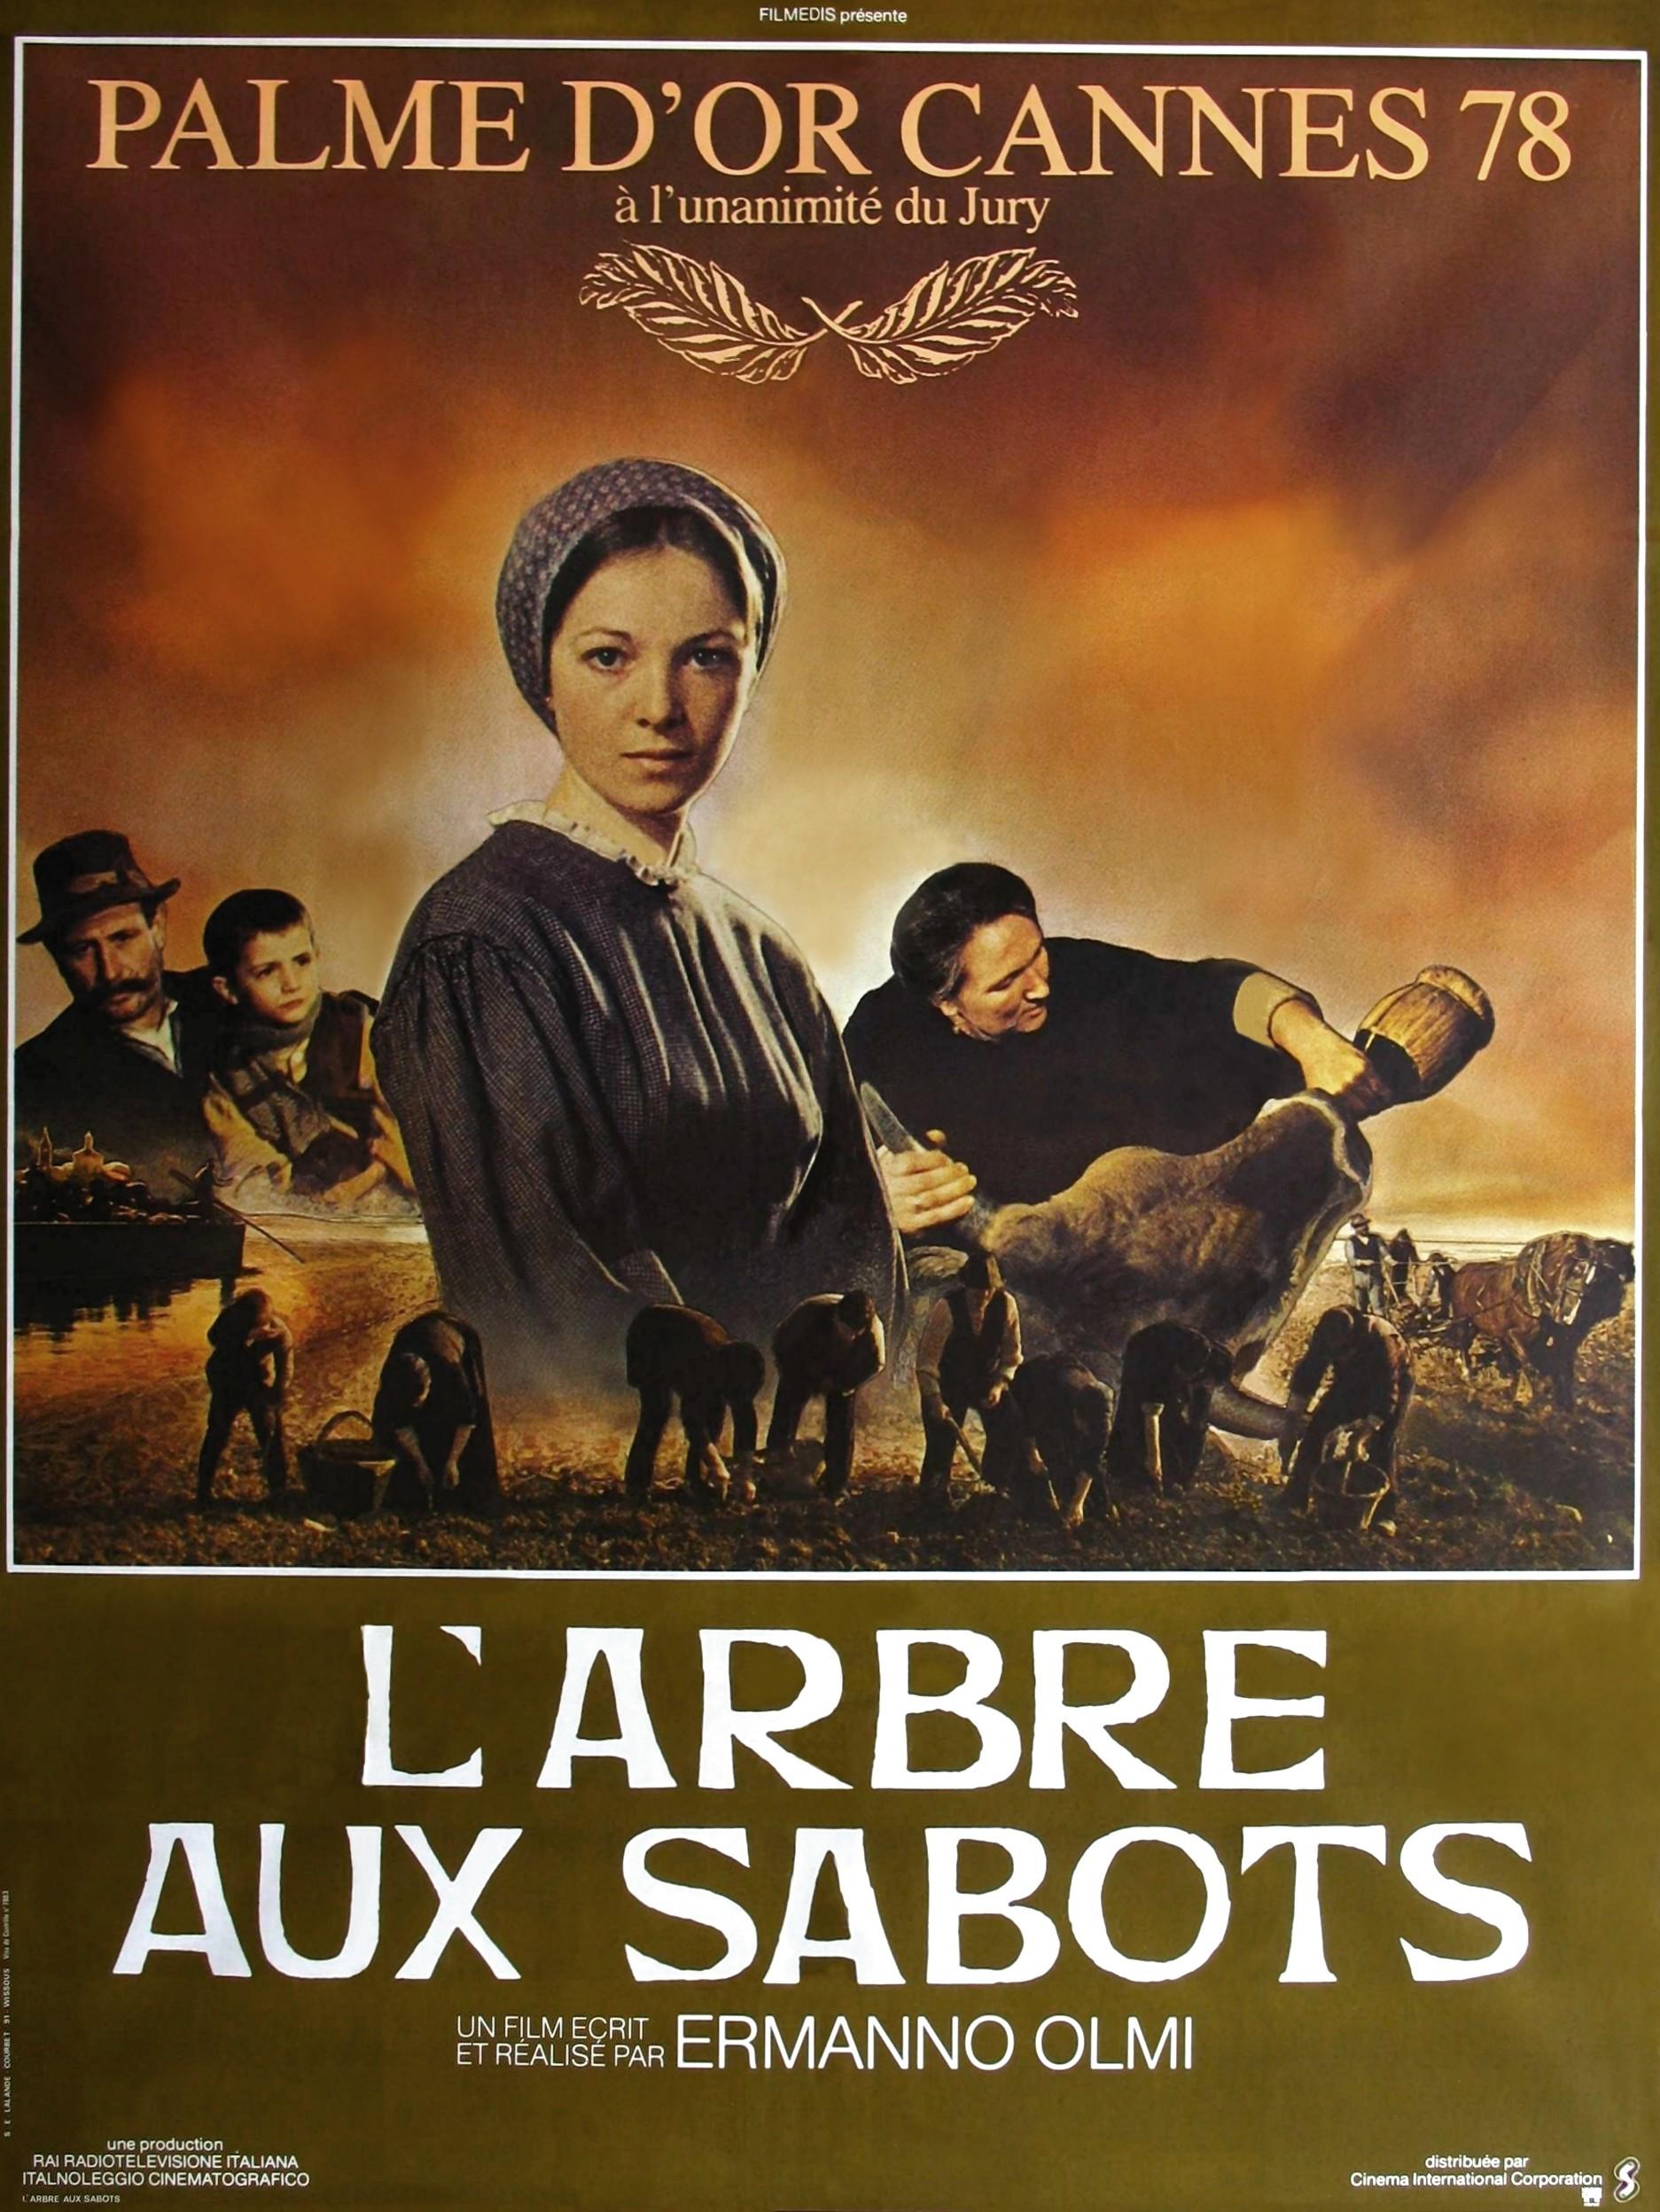 L'Arbre aux sabots (1978)